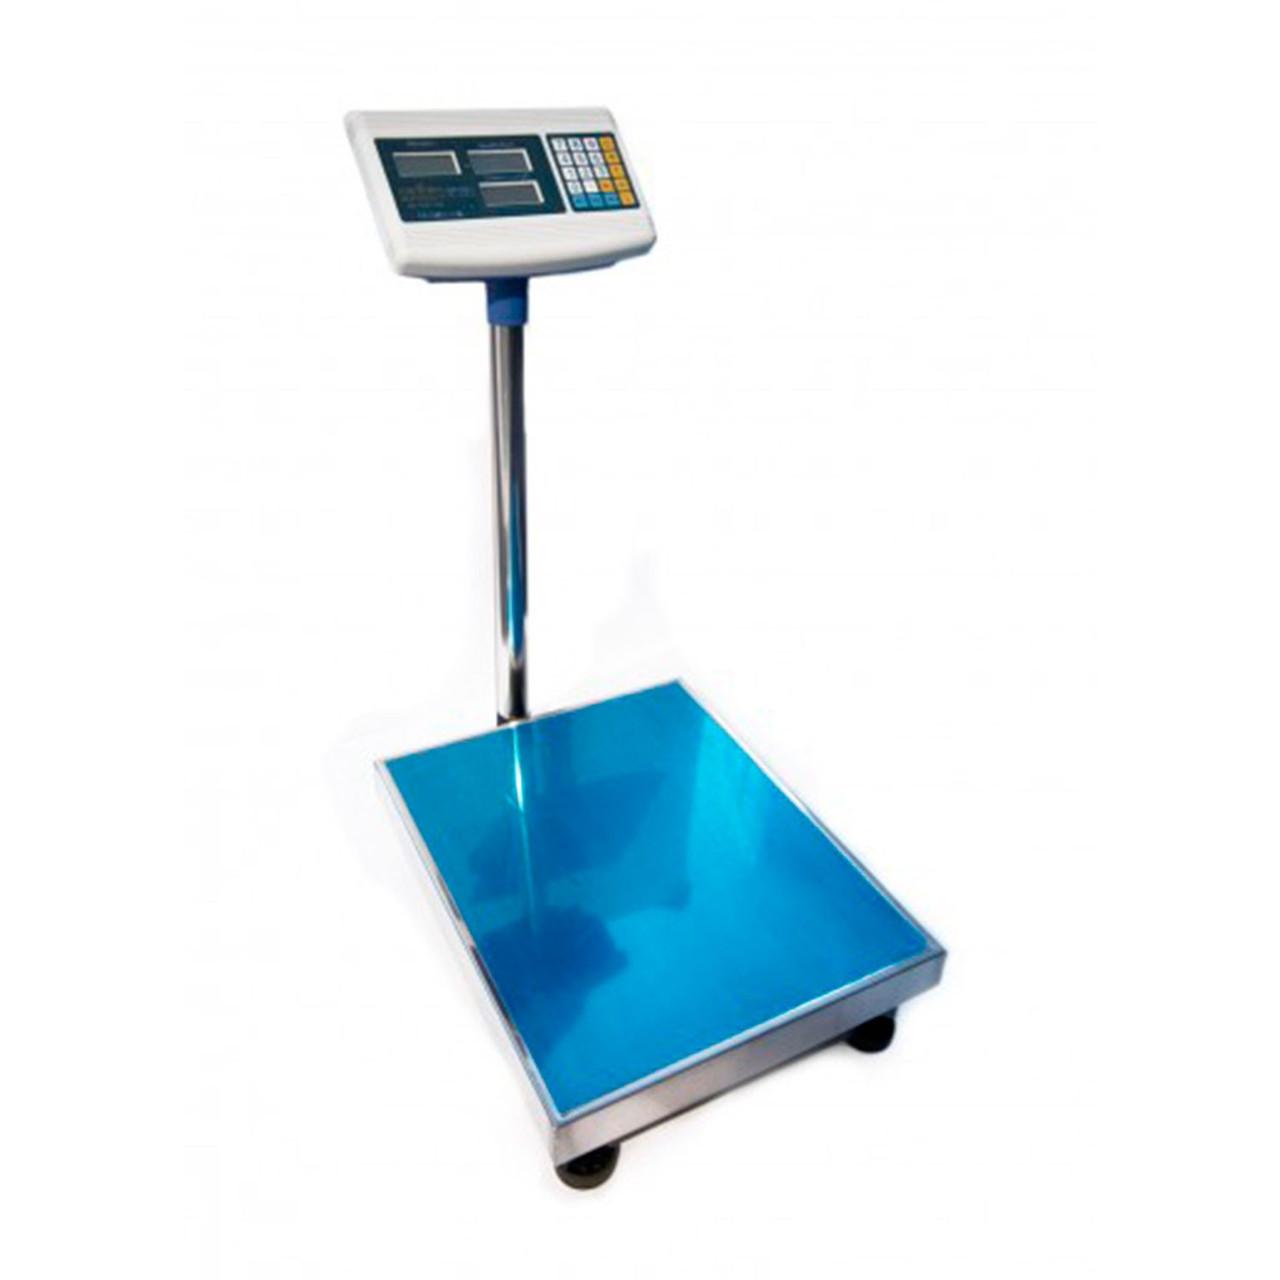 Электронные торговые весы до 100 кг, товарные платформа, базарные до 100кг